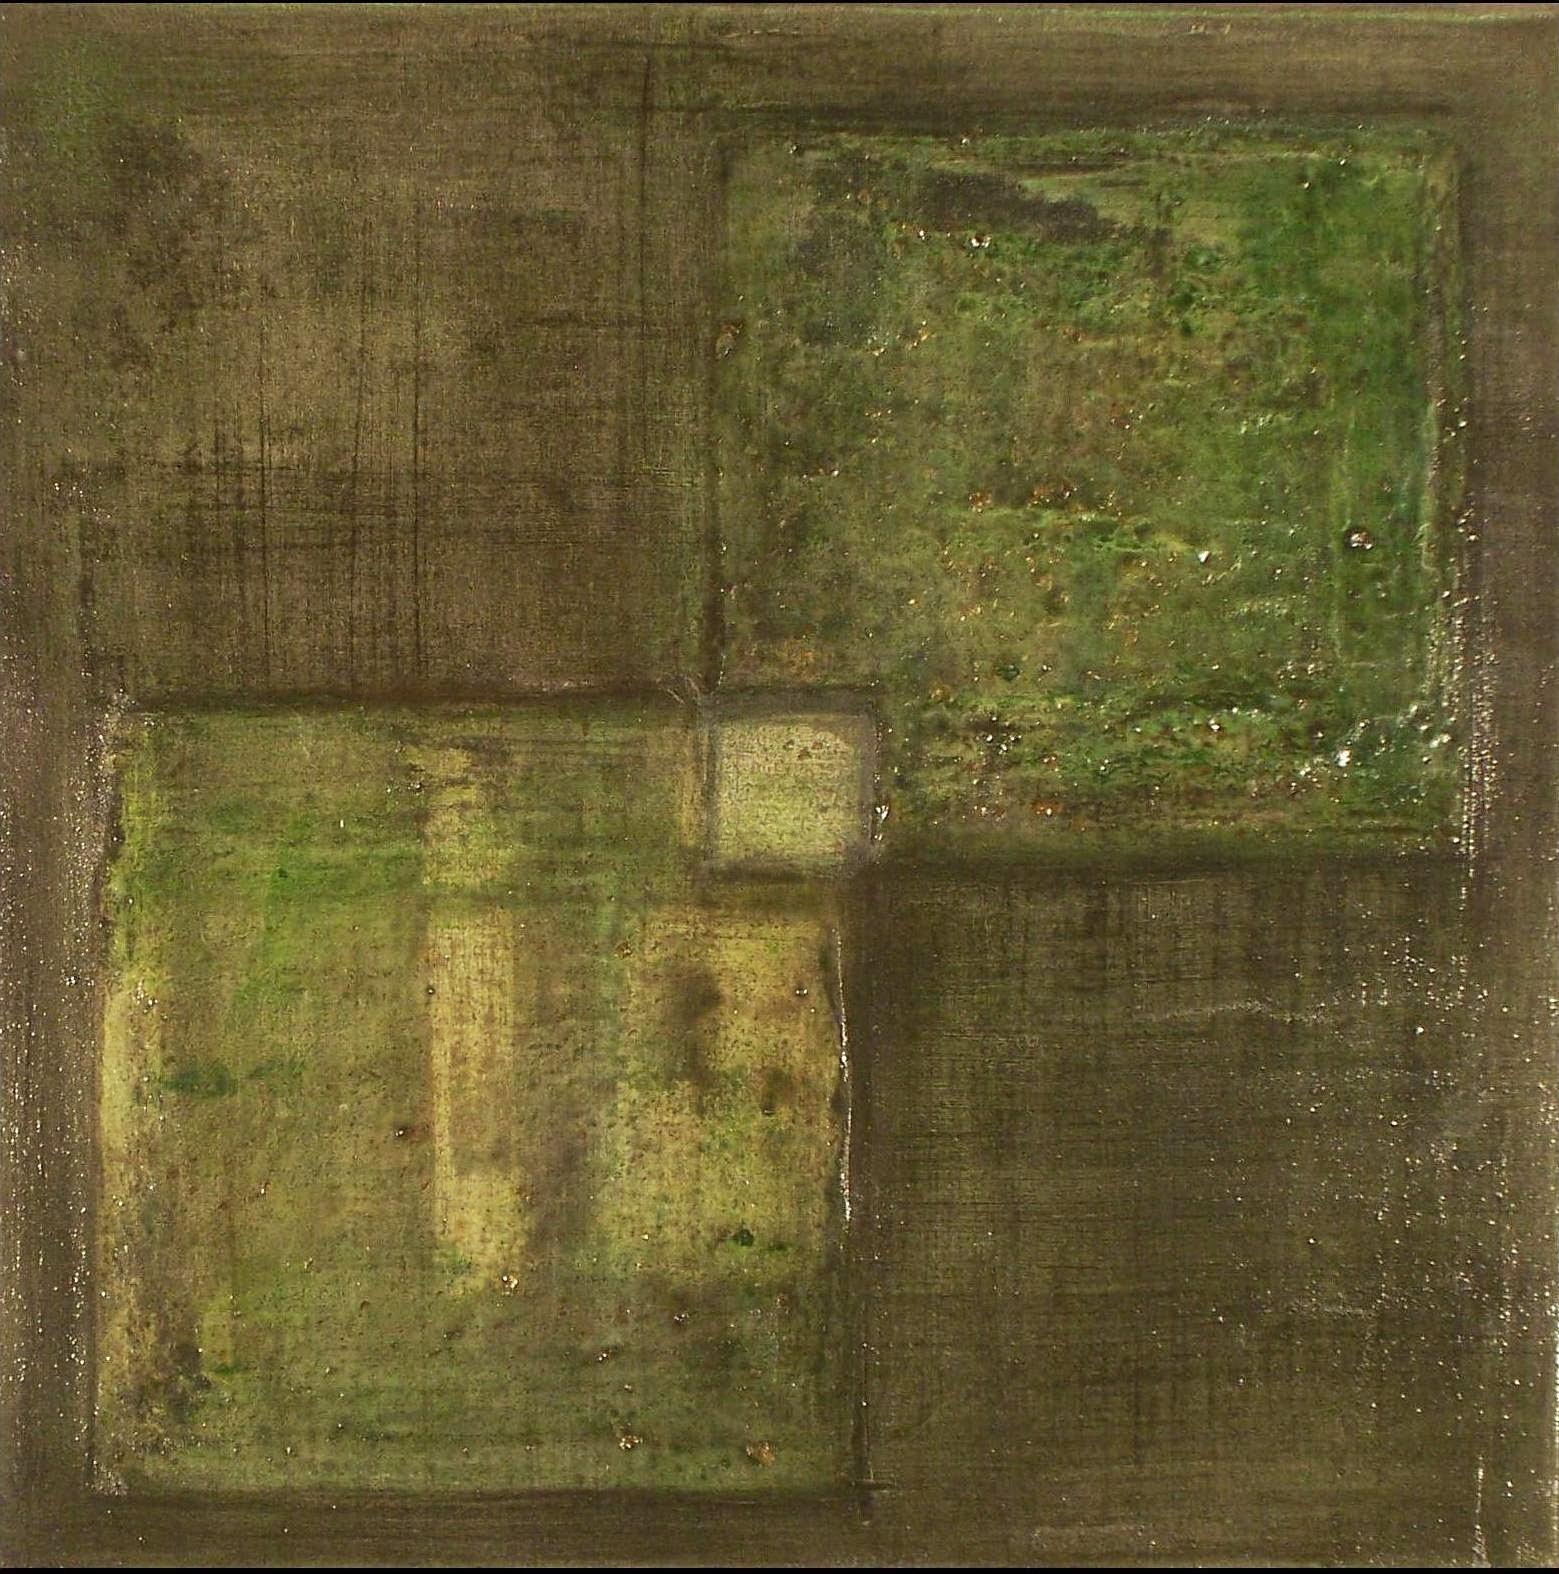 Pinturas abstractas de vanina martinez cuadrados for Cuadros en relieve abstractos